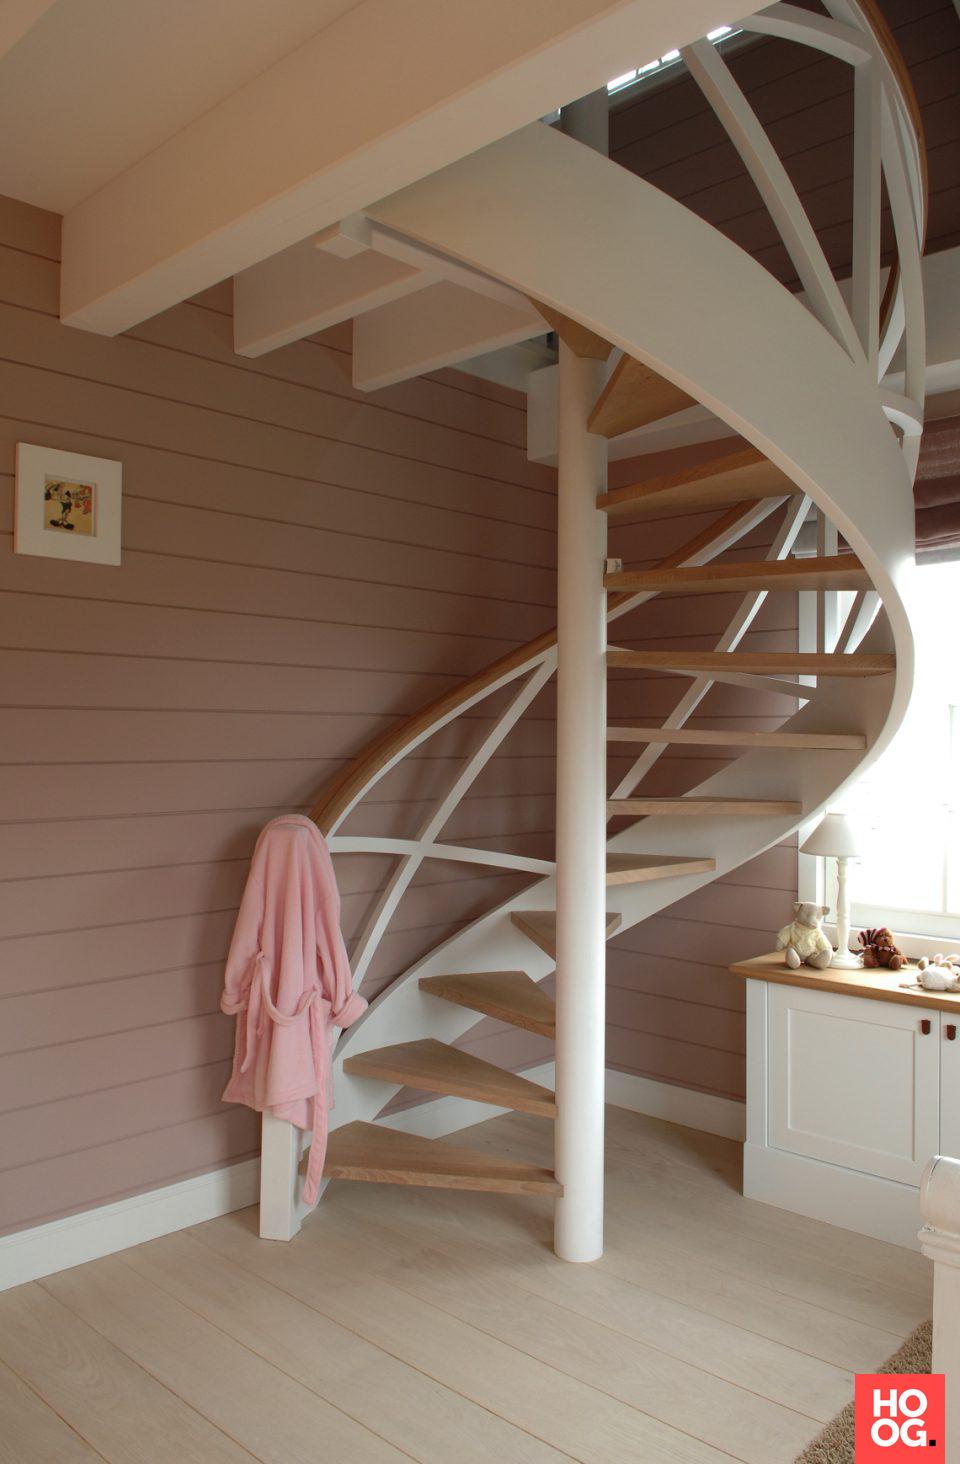 Witte gebogen trap met houten treden | hal inrichting | interieur inspiratie | hallway ideas | Hoog.design #halinrichting